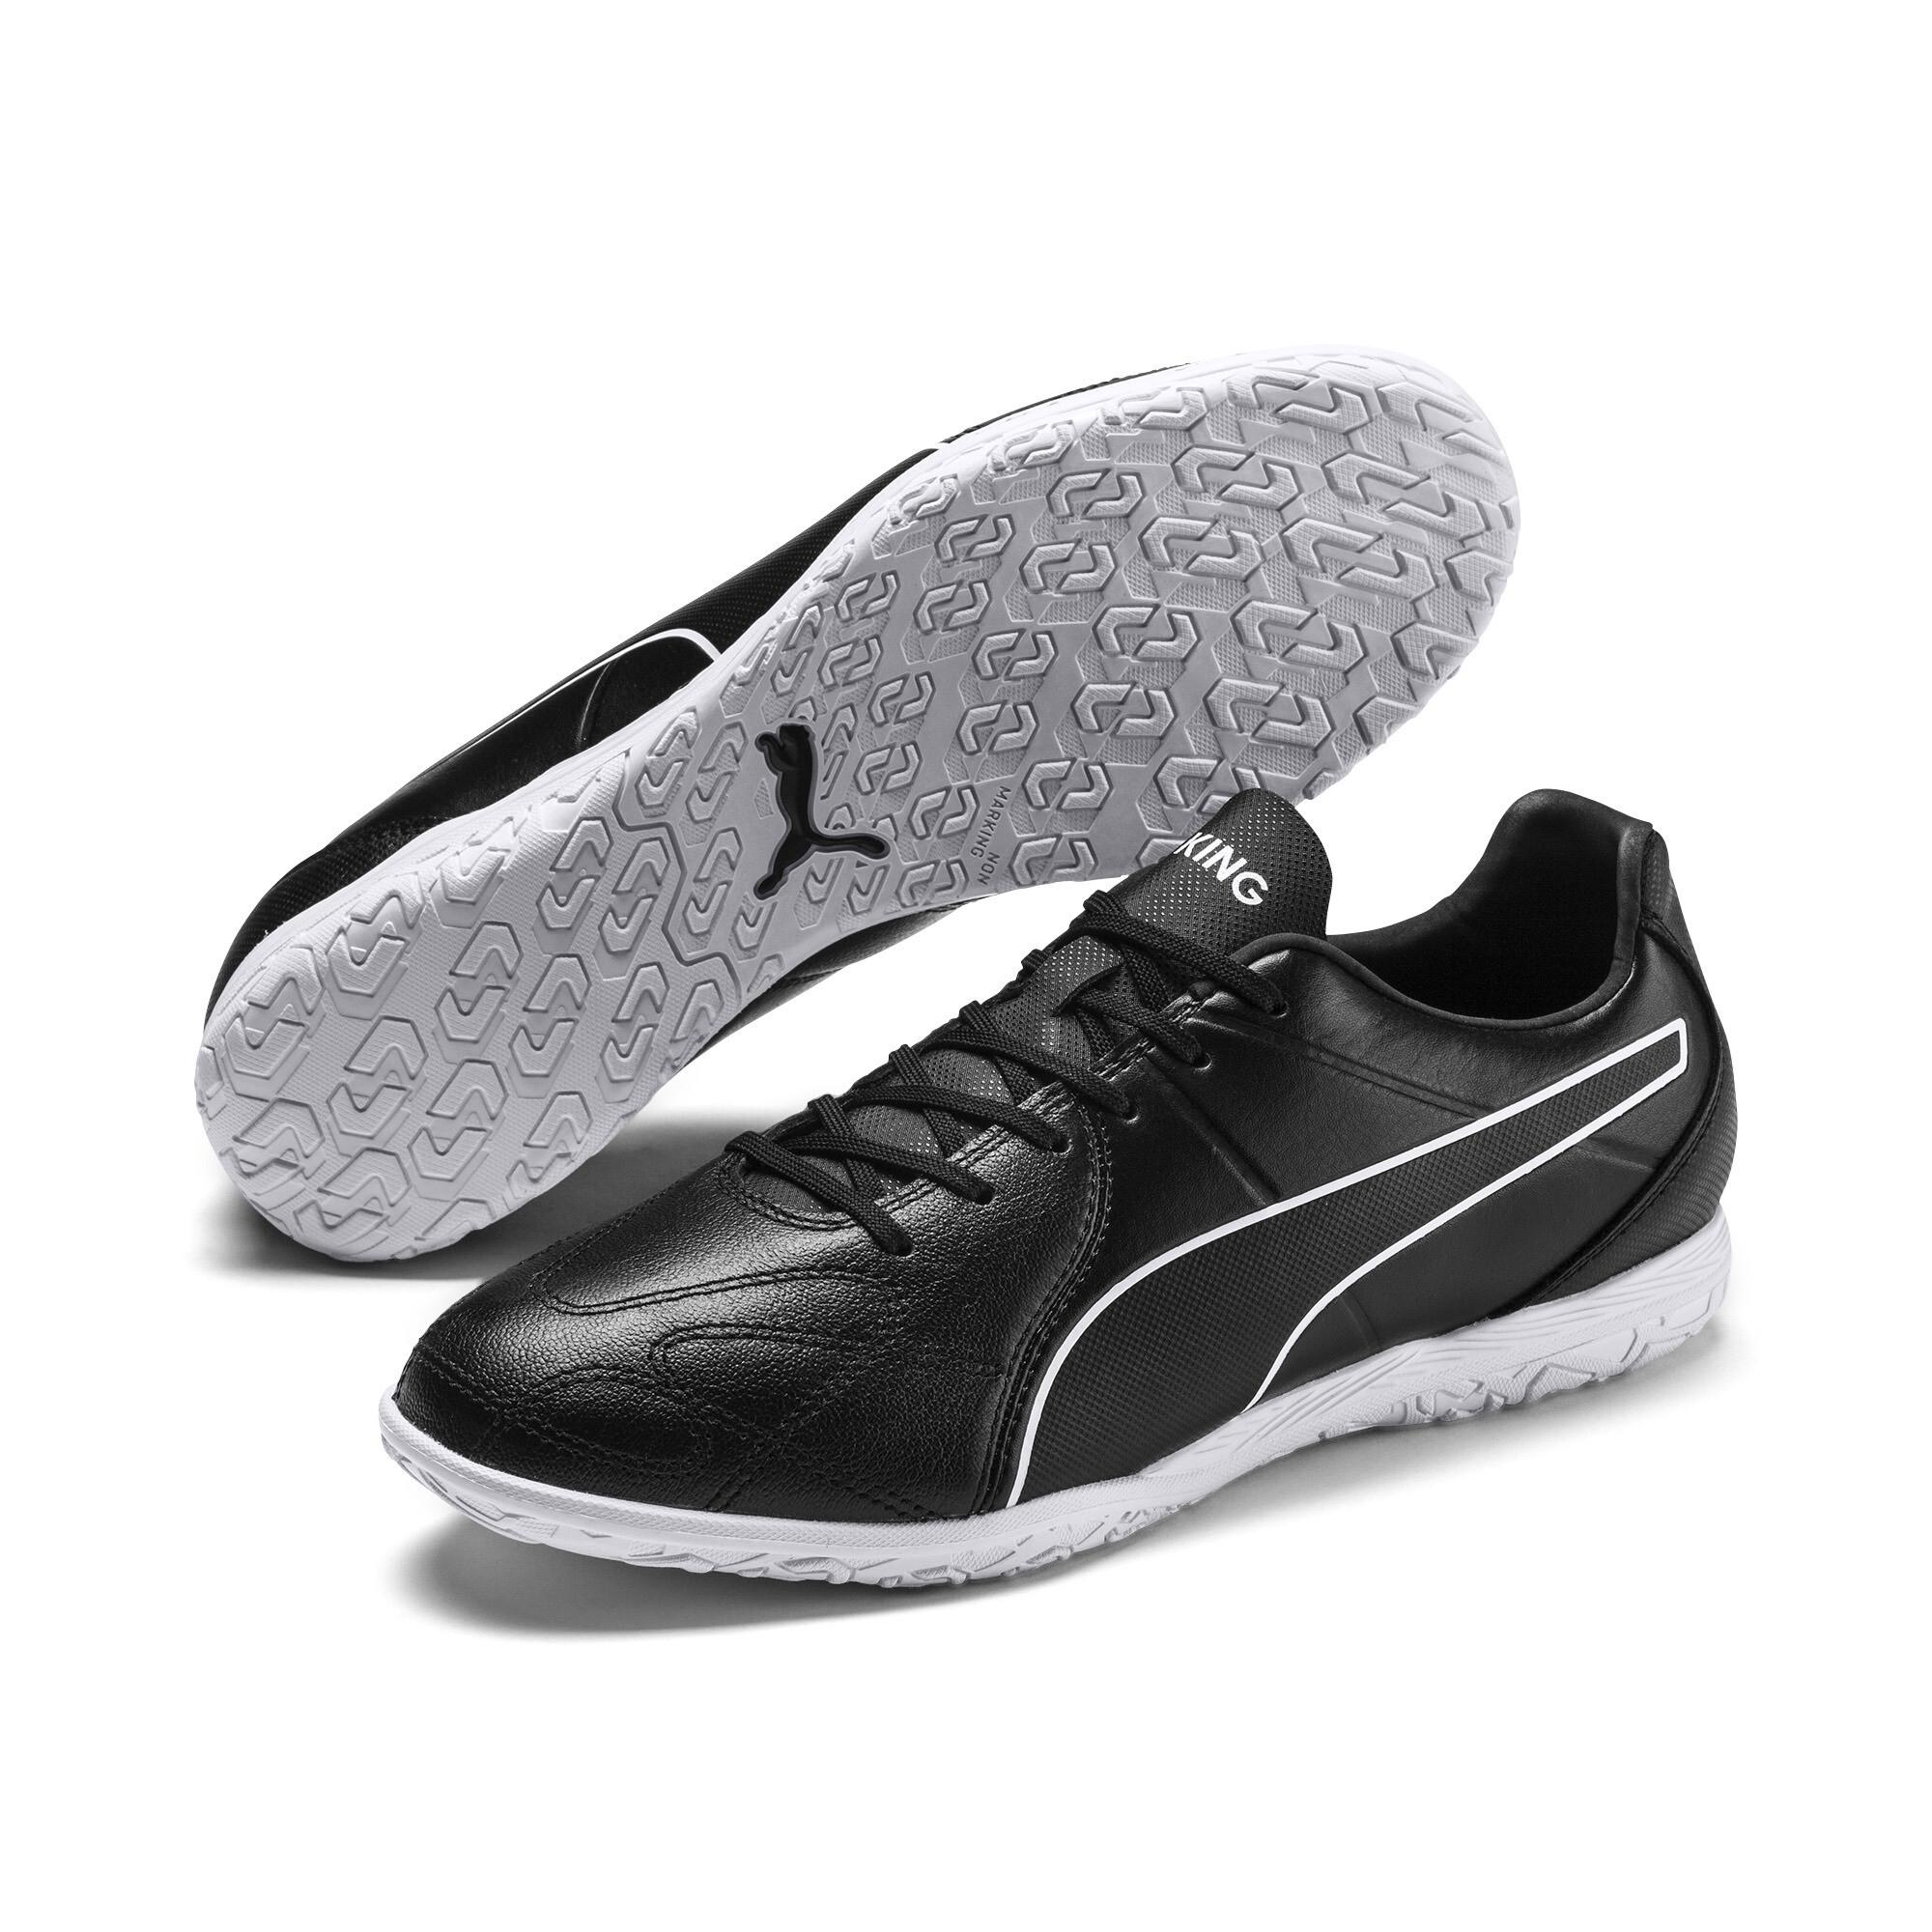 【プーマ公式通販】 プーマ キング ヒーロー IT サッカー インドアトレーニング メンズ Puma Black-Puma White |PUMA.com